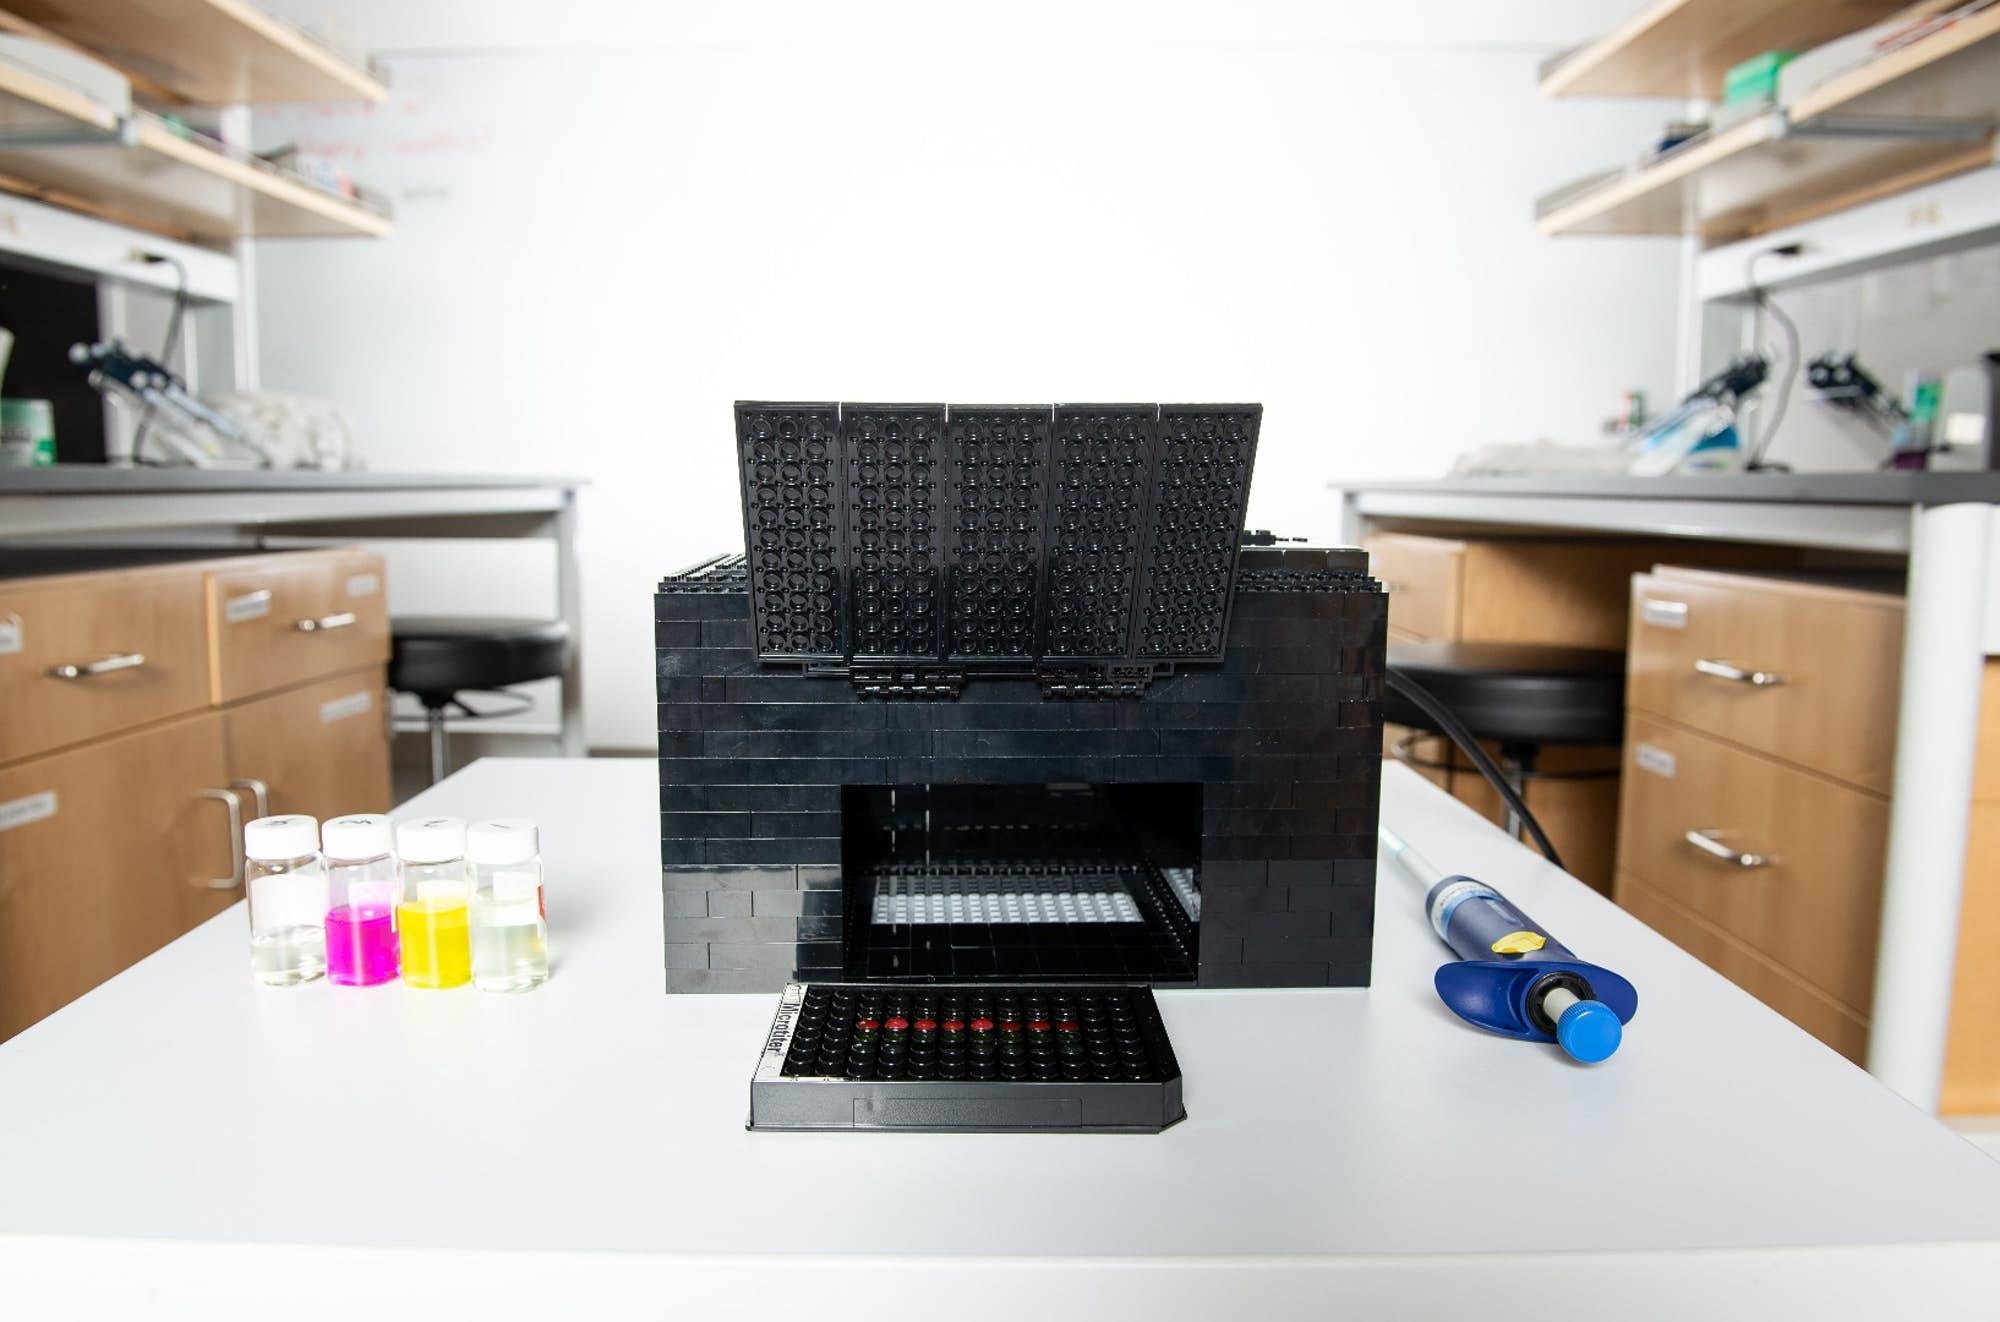 LEGO detektor nervových plynů. Kredit: University of Texas at Austin.